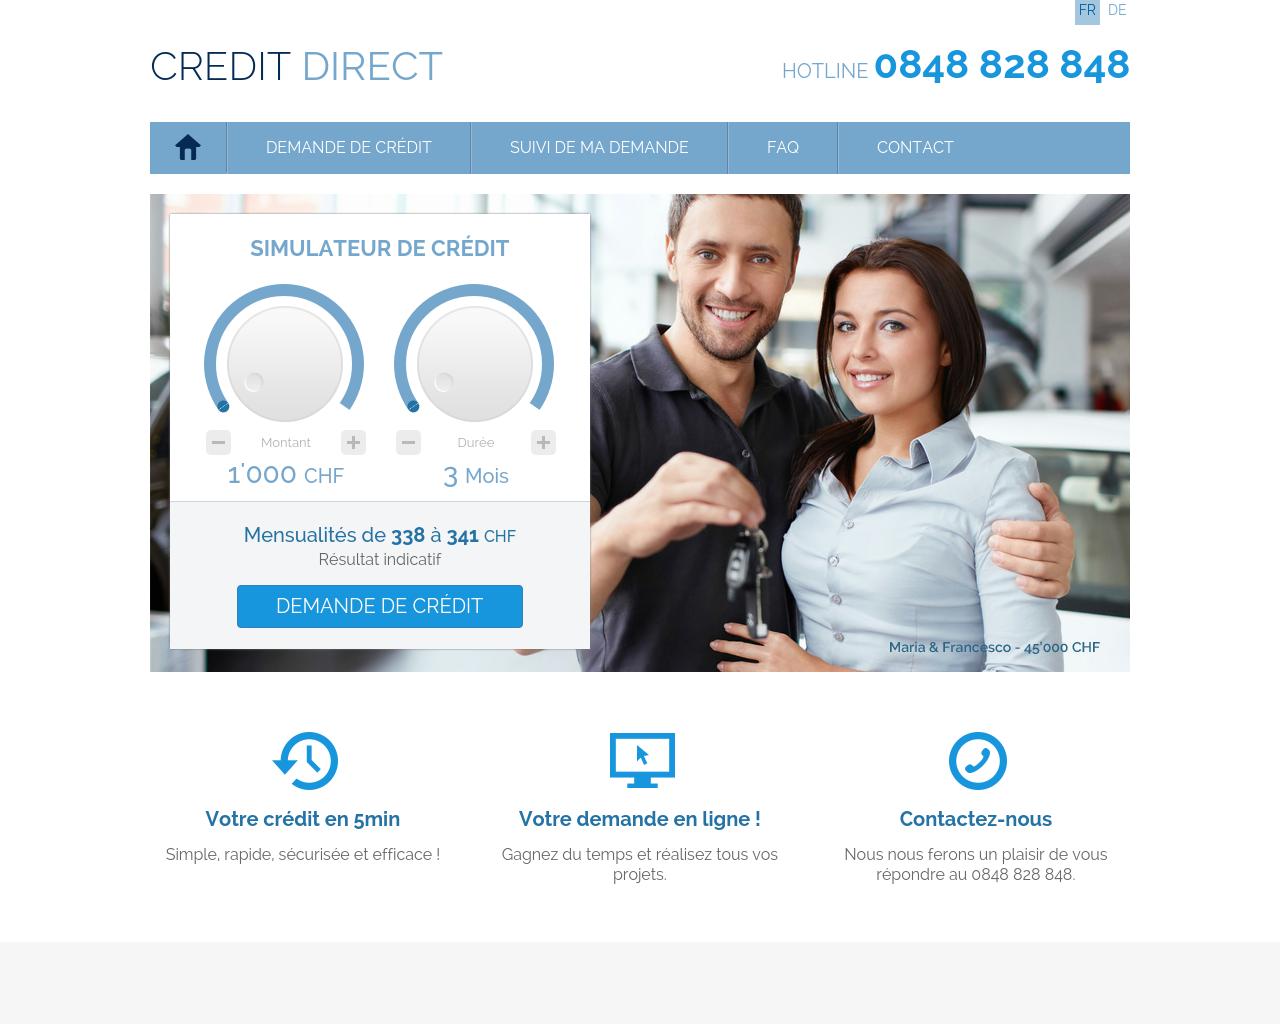 Concrétiser tous les projets avec un prêt adapté